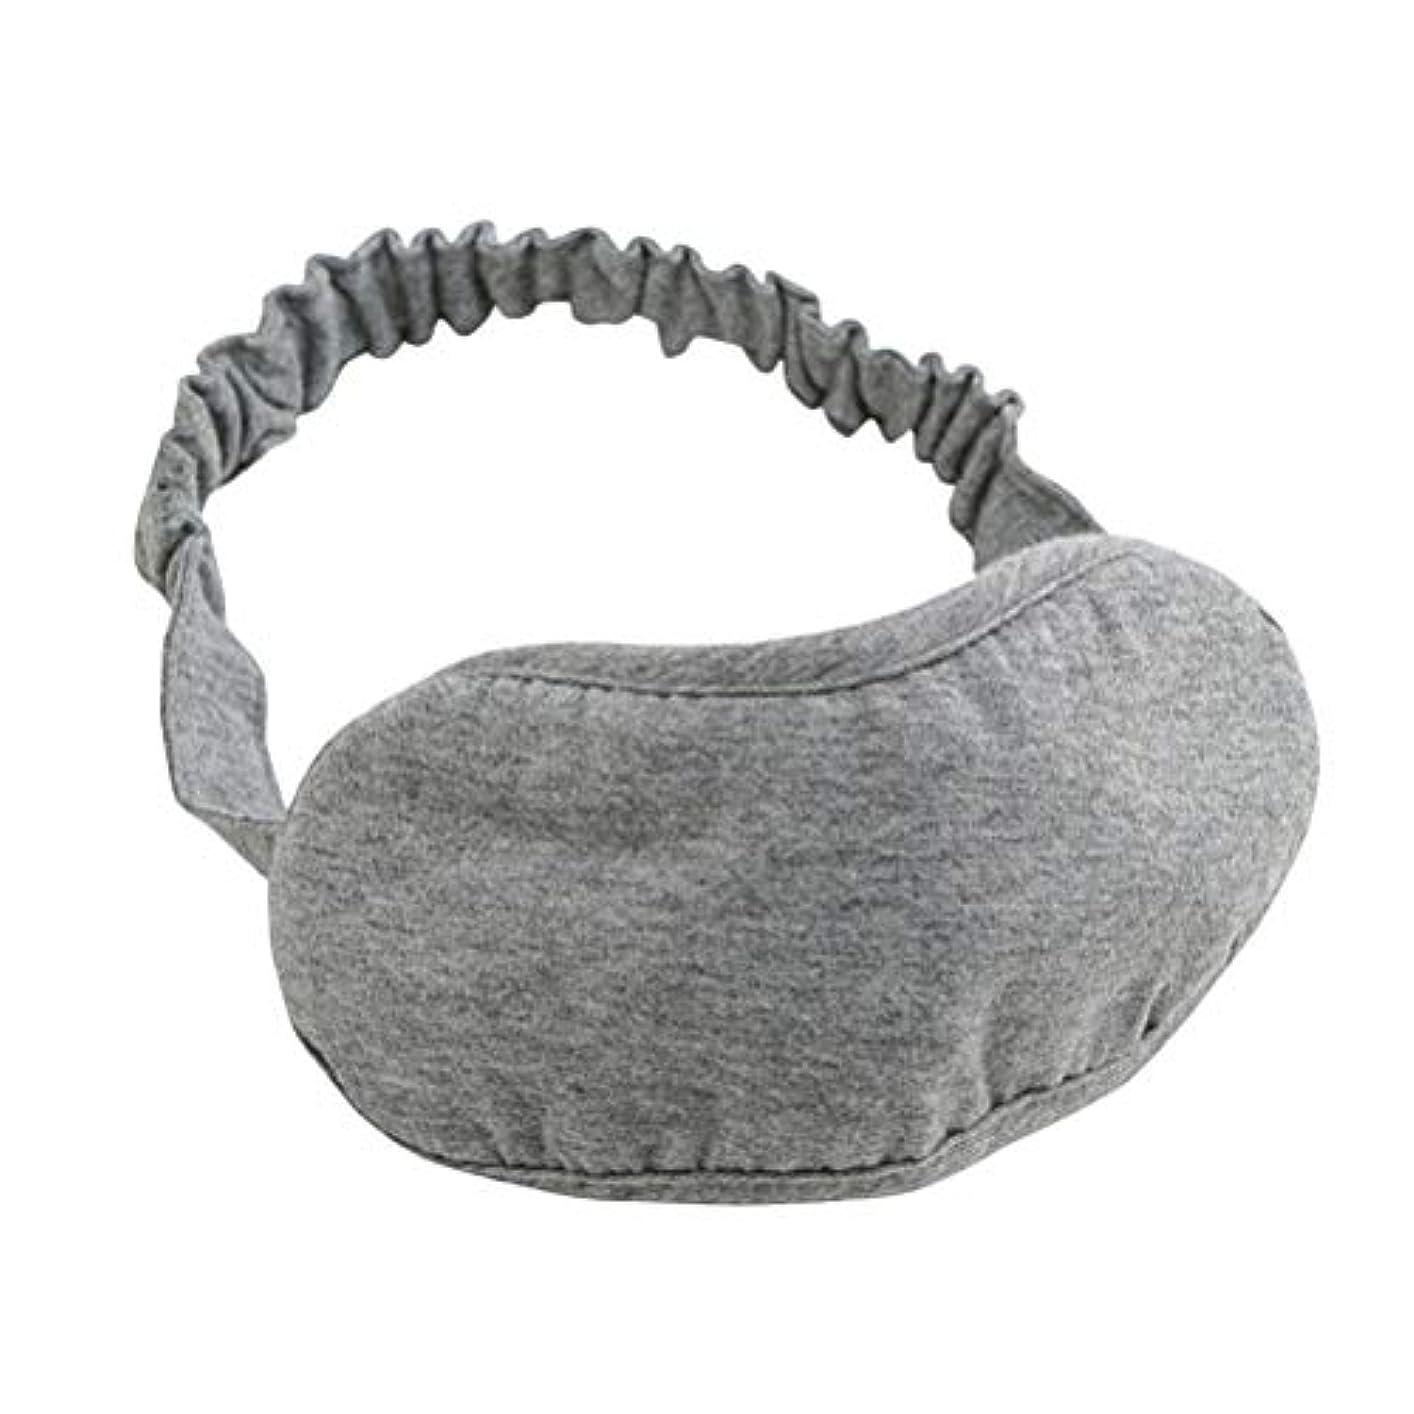 ビザ病気のフライカイトSUPVOX 睡眠マスクコットンアイマスク厚手の目隠しアイカバー女性のための子供たちの子供ホームベッド旅行のフライトカーキャンプオフィス使用(グレー)